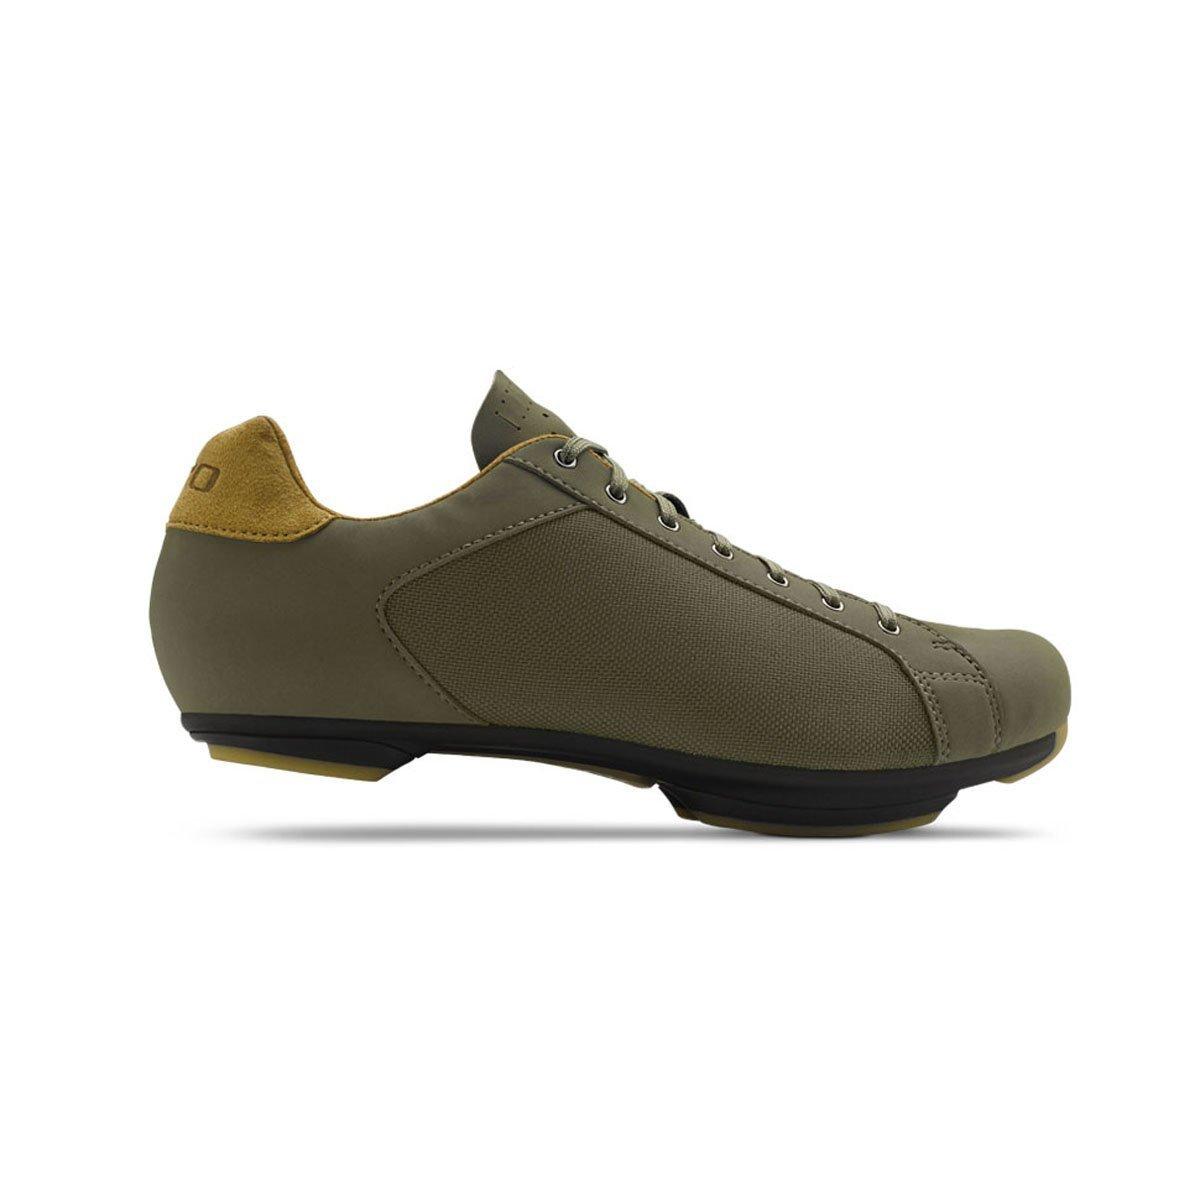 Giro Republic Road Bike shoes Gentlemen olive Size 43 2015 Racing bike shoes by Giro B00NEQW8ZM